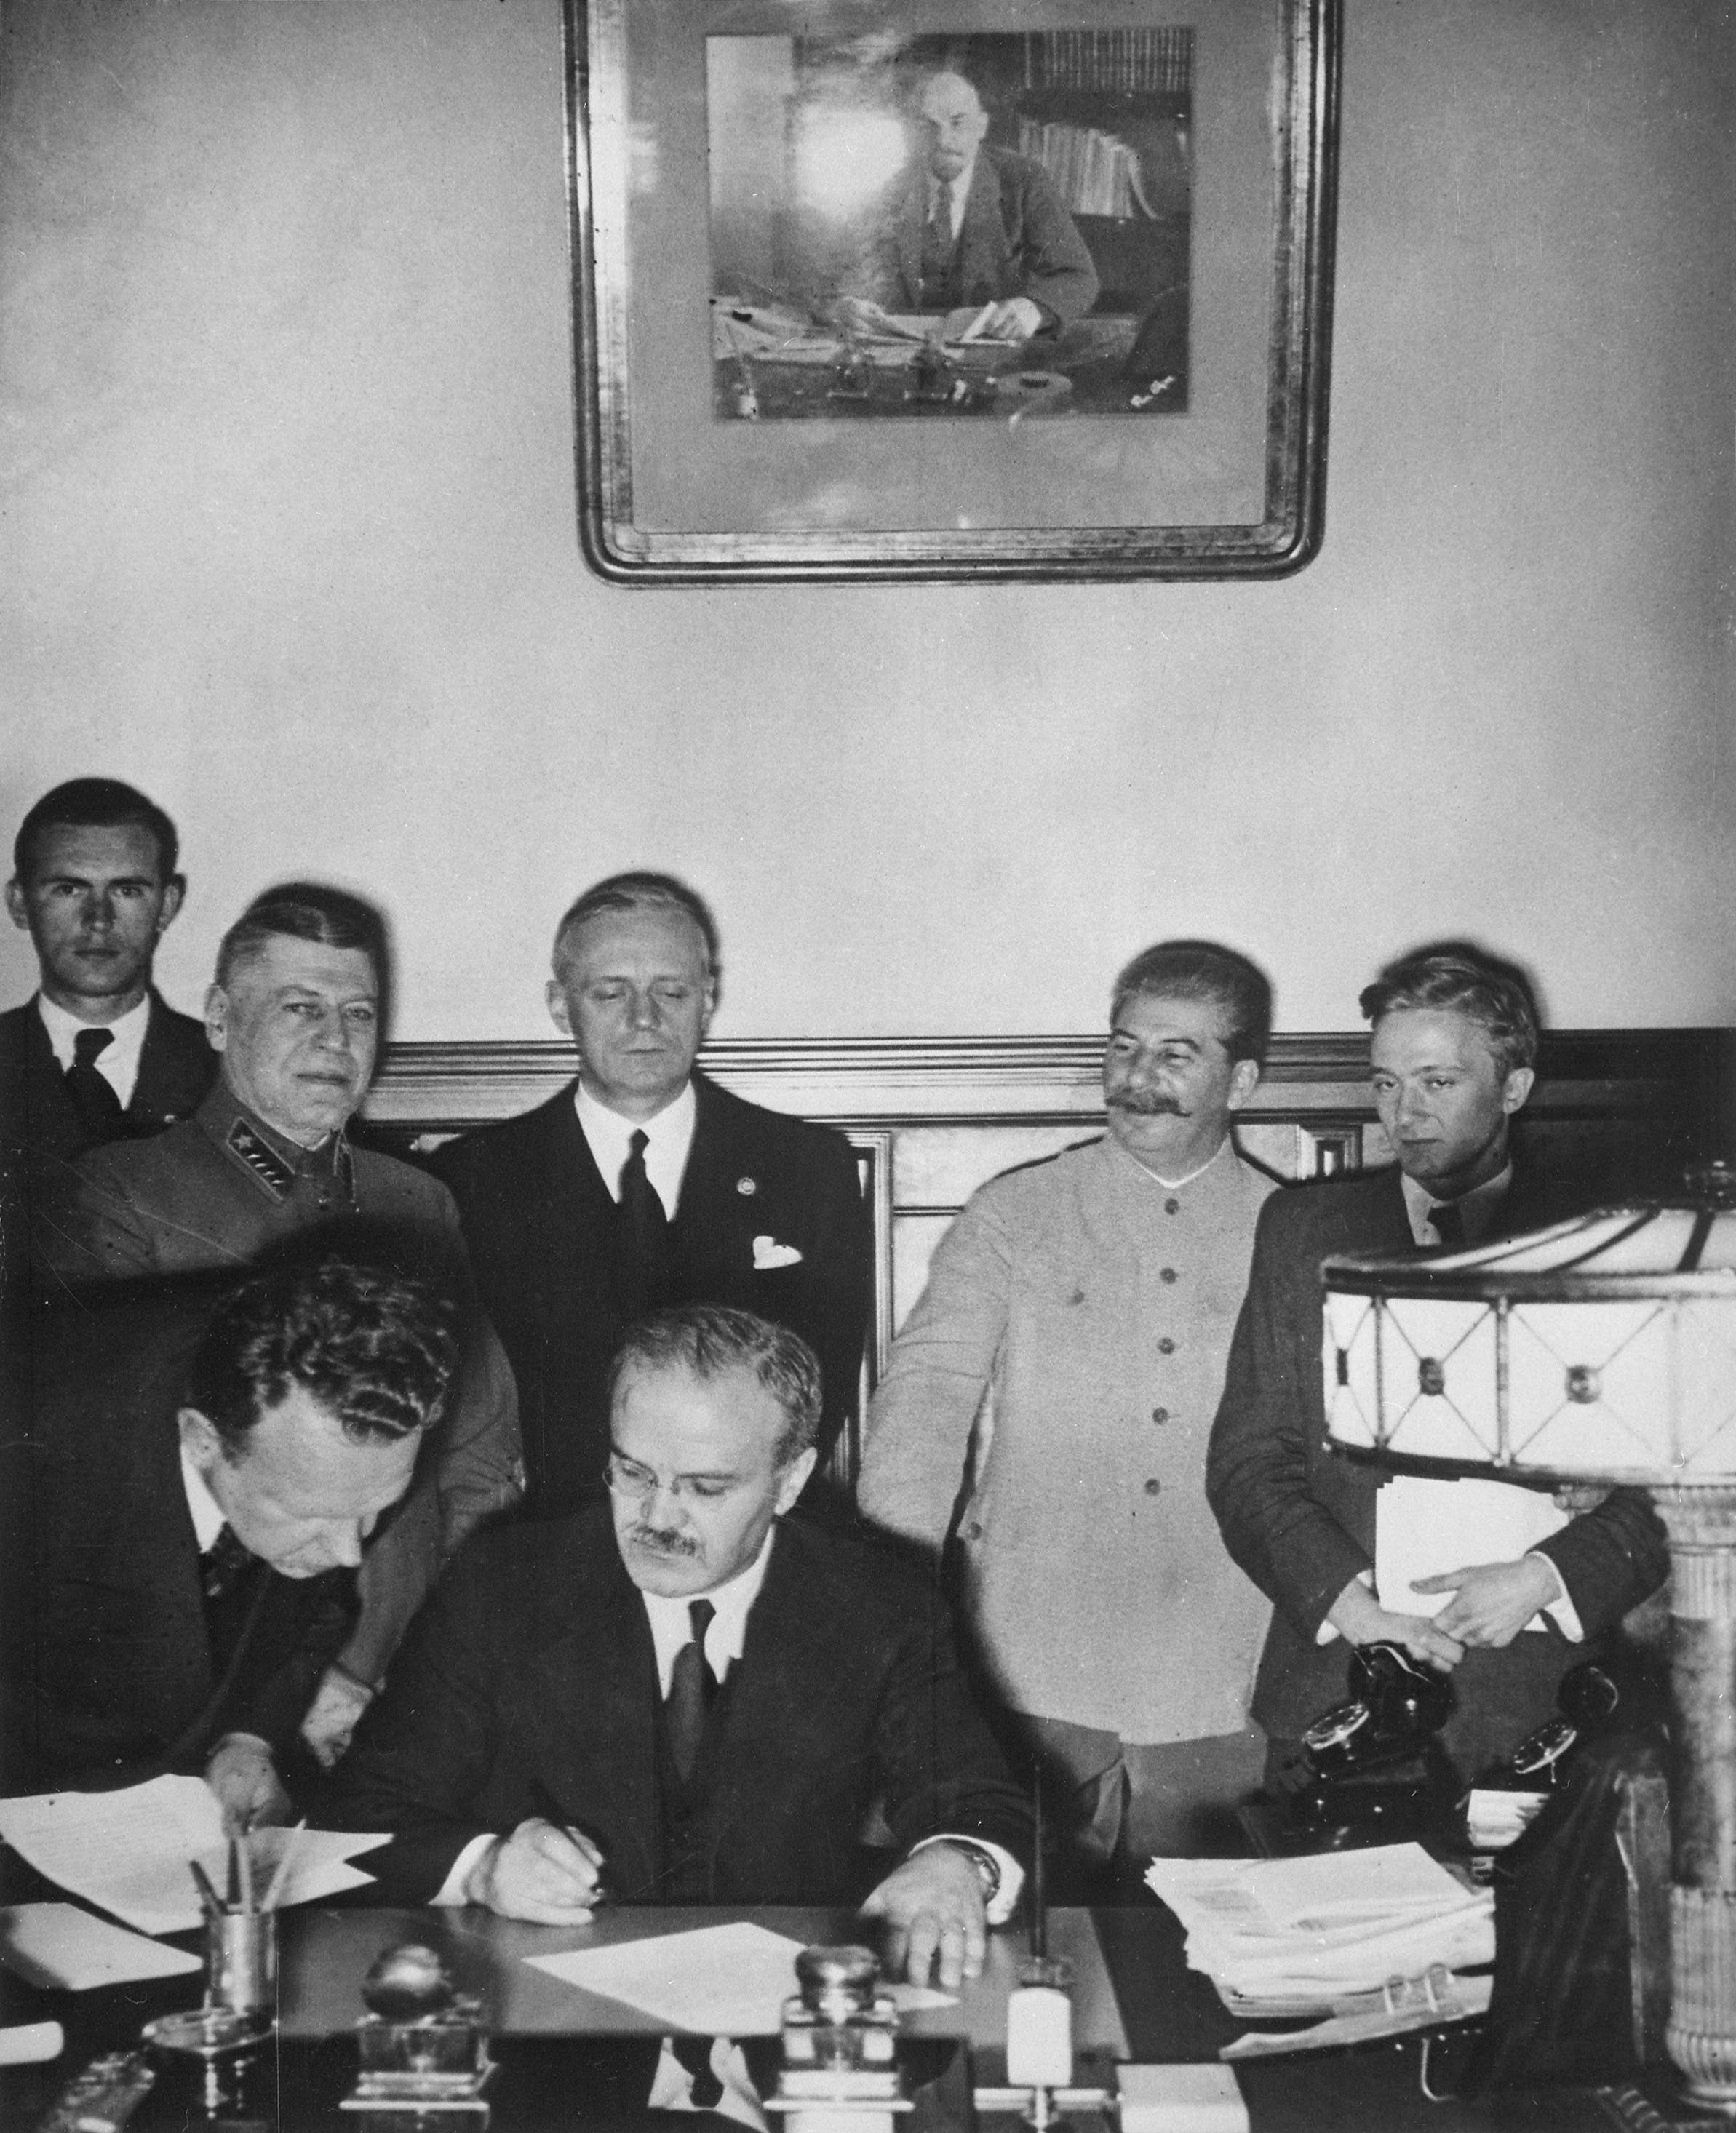 صورة لعملية توقيع اتفاقية مولوتوف ريبنتروب بين السوفيت والألمان